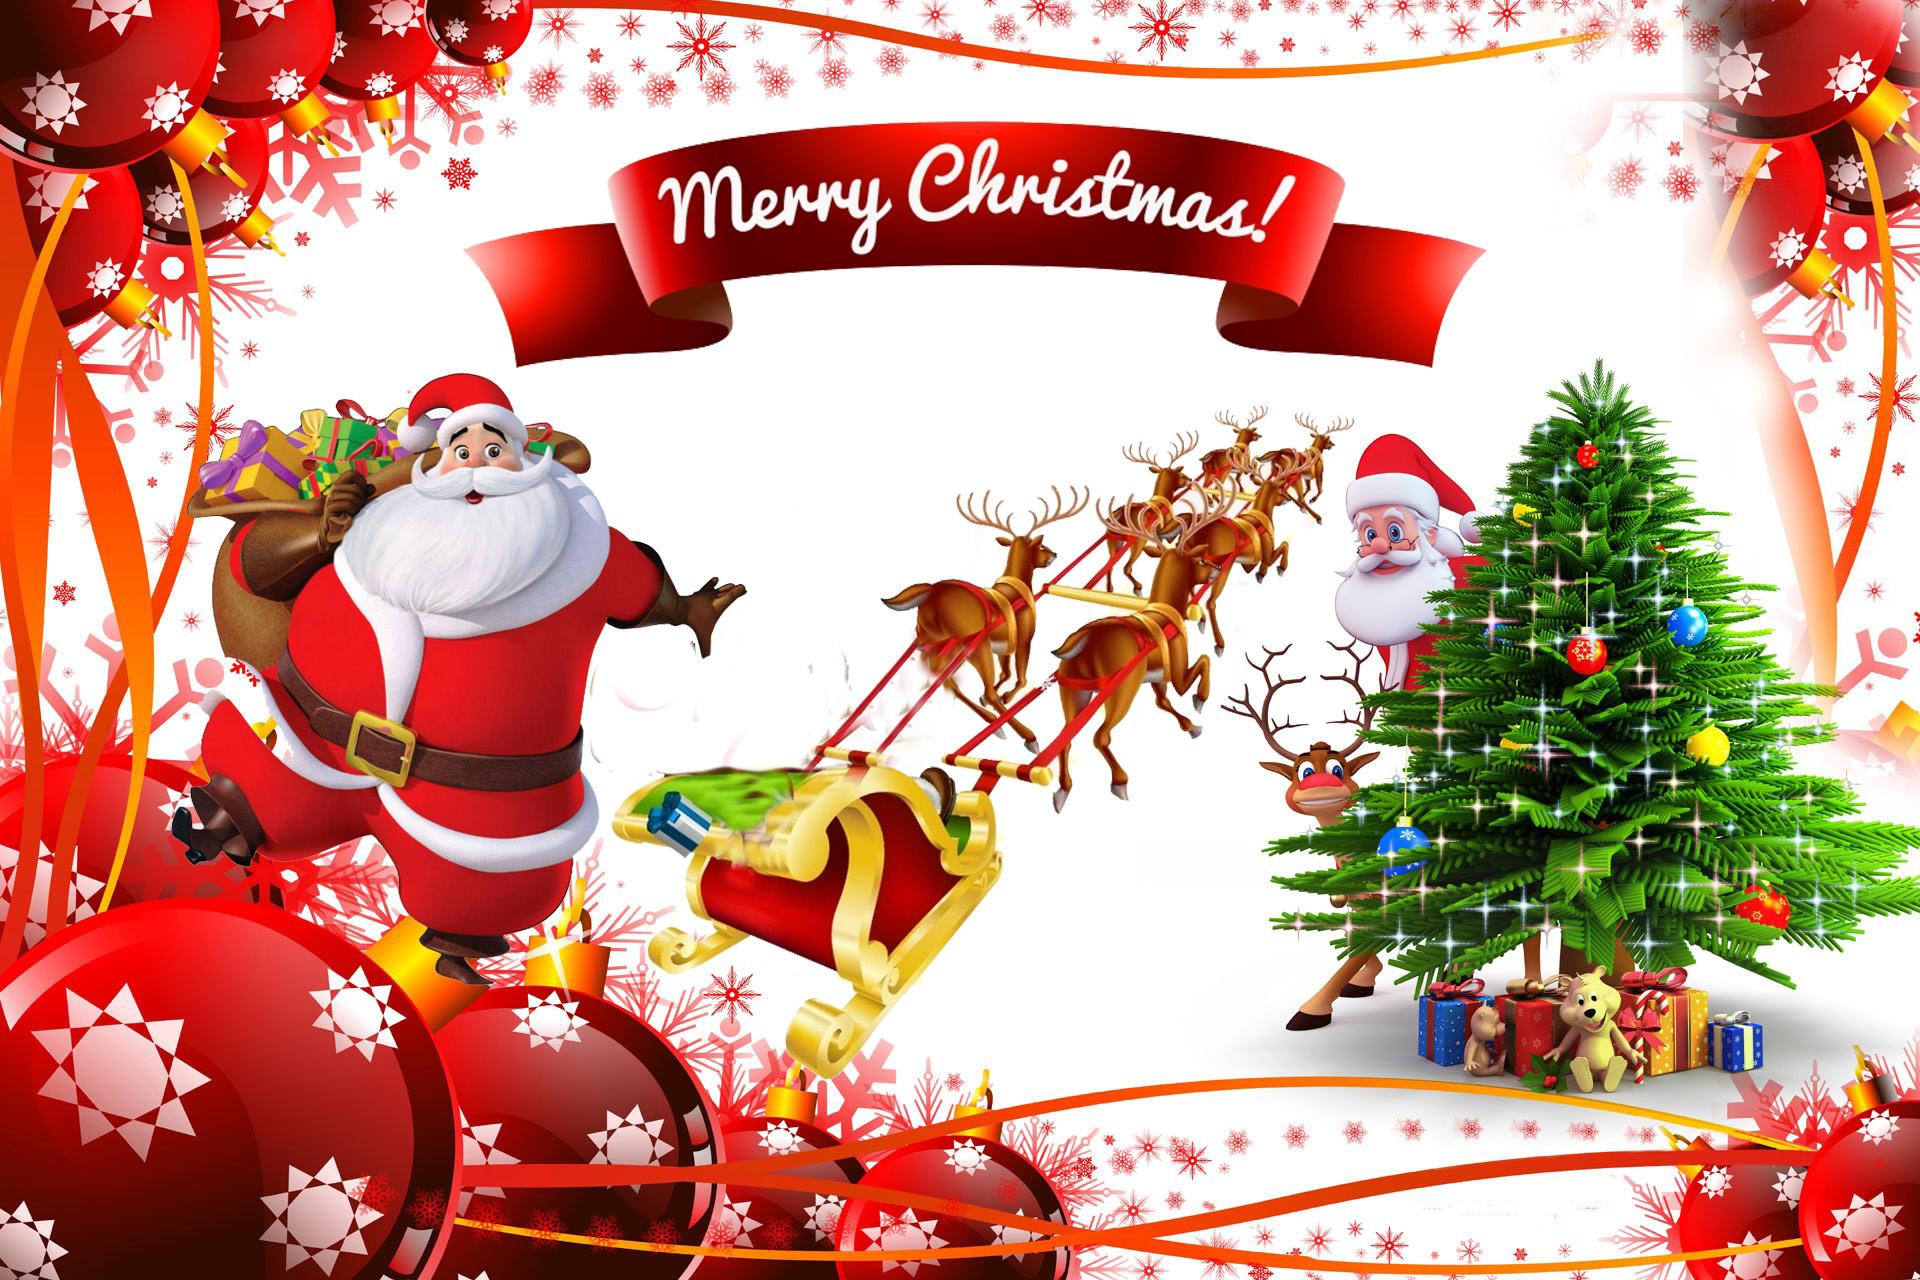 21] Merry Christmas 2020 Wallpapers on WallpaperSafari 1920x1280